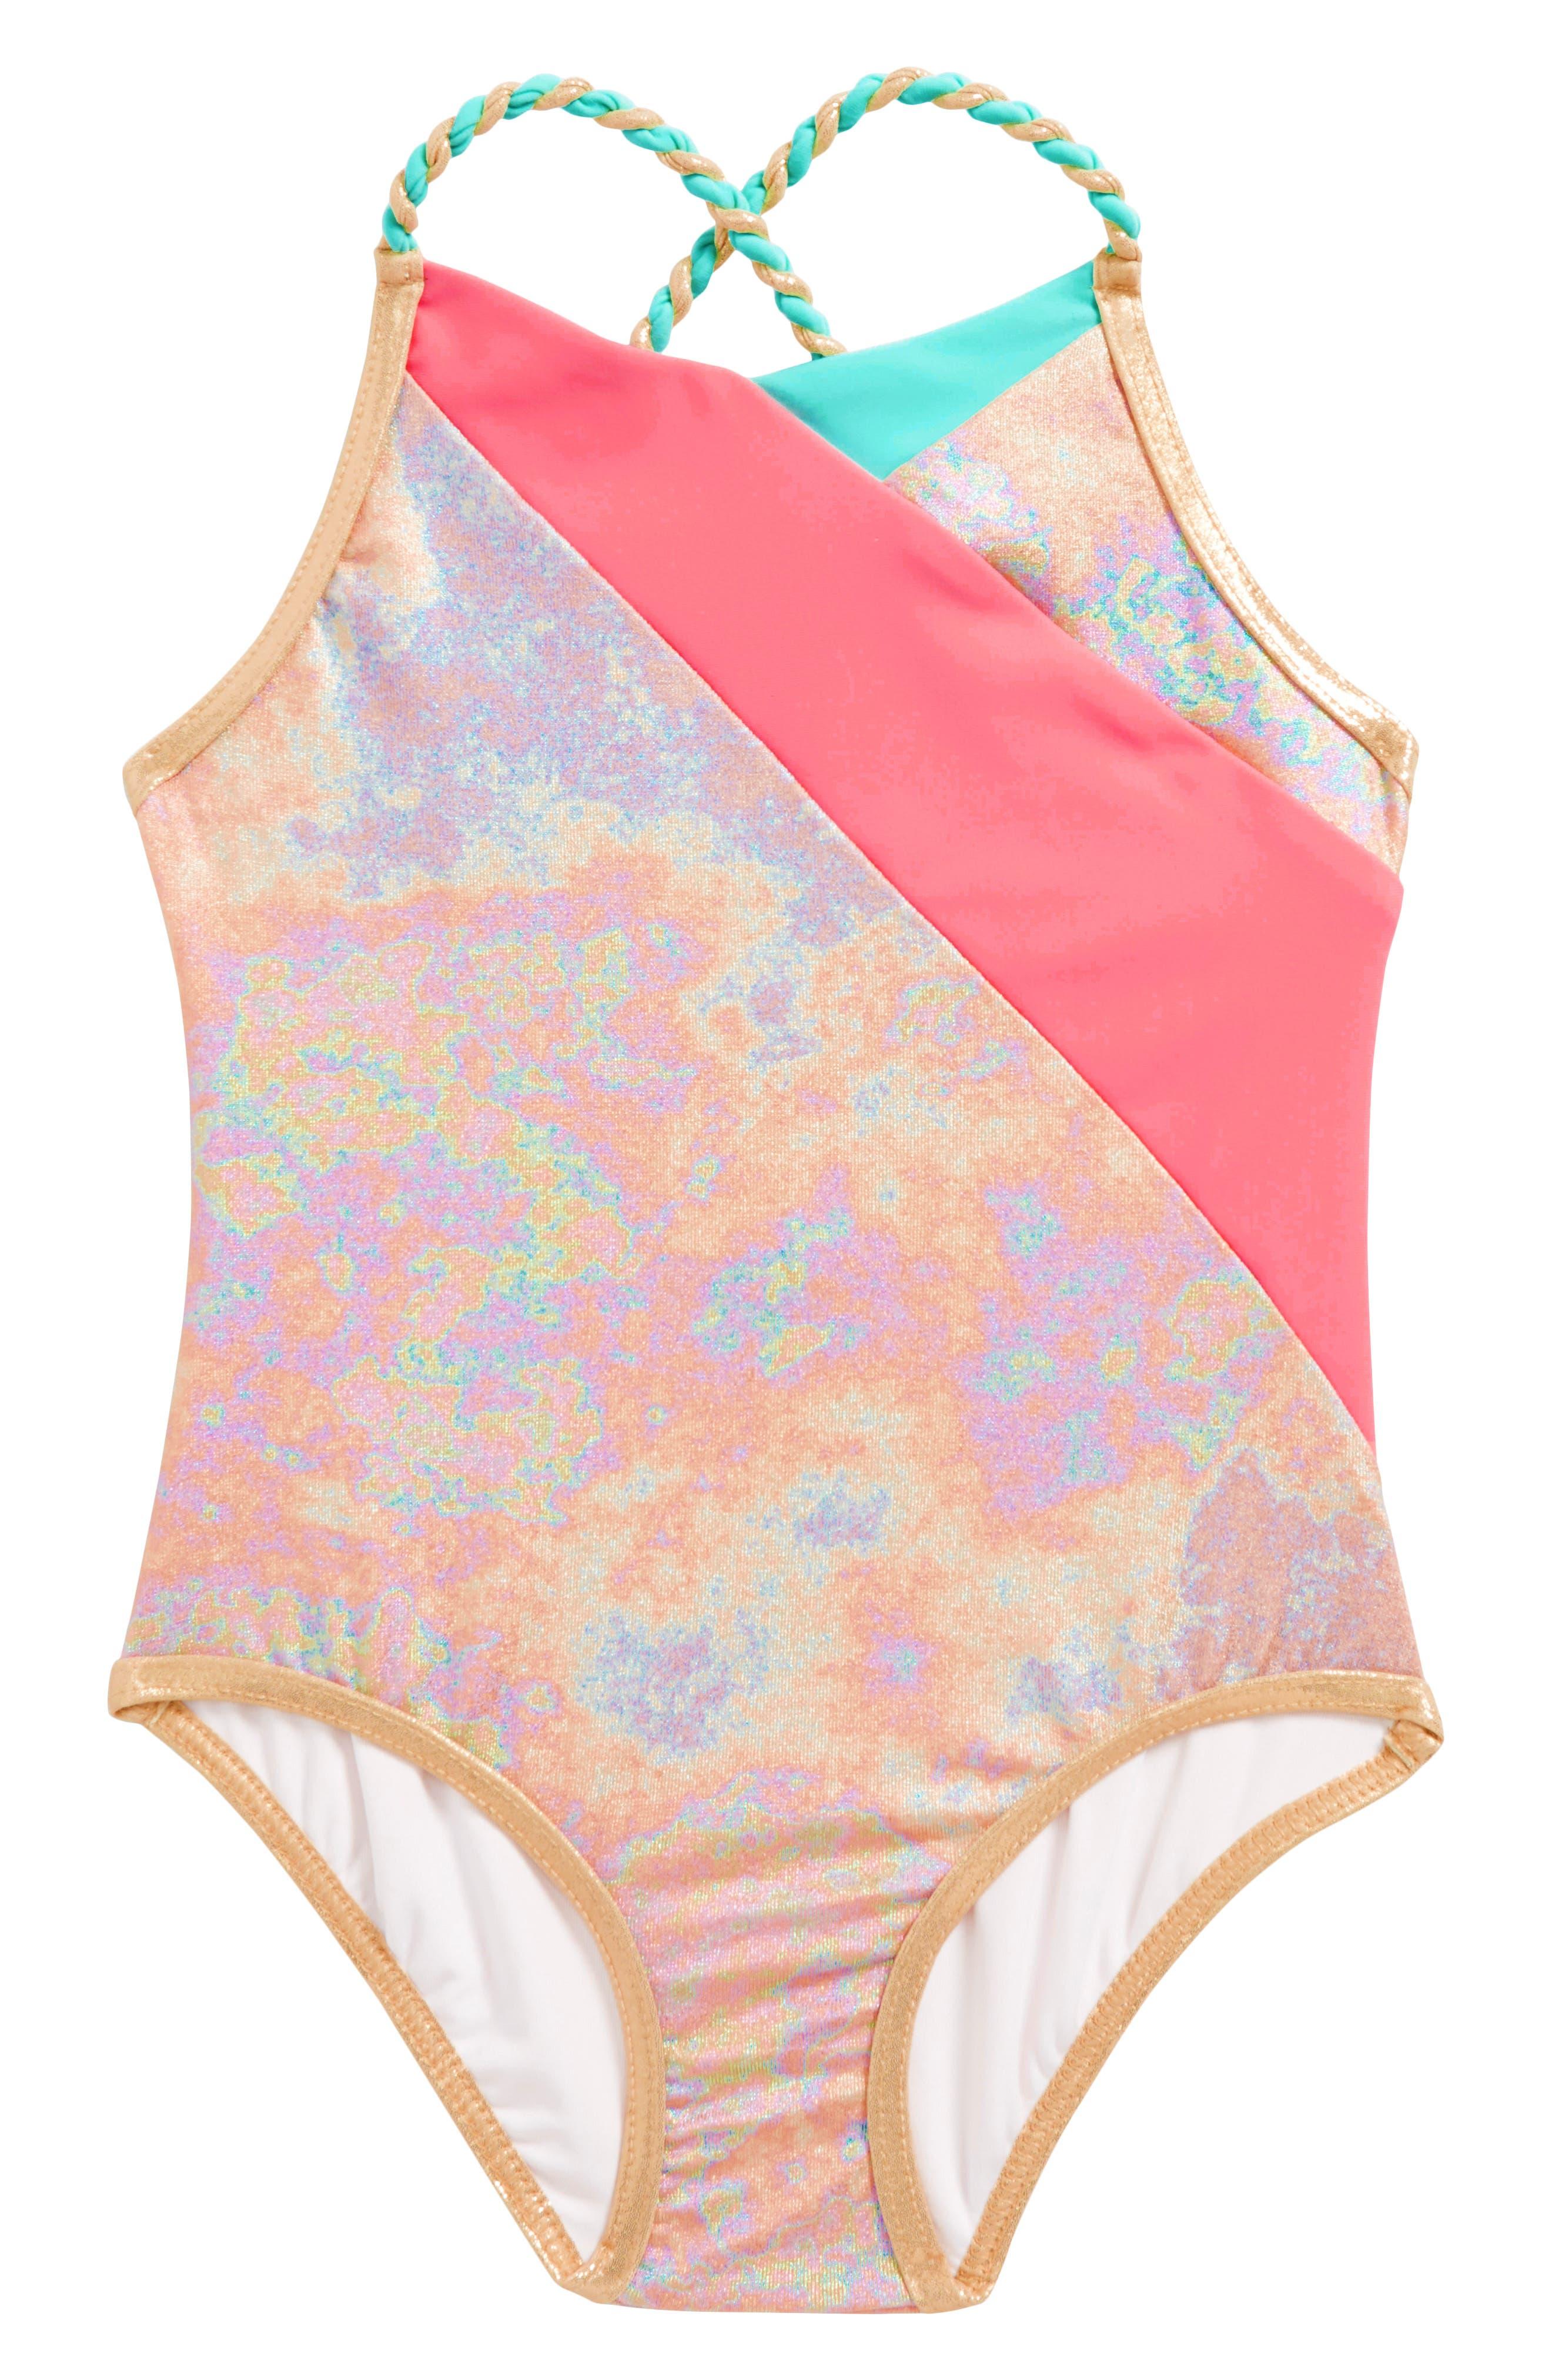 LITTLE MARC JACOBS Iridescent One-Piece Swimsuit (Toddler Girls, Little Girls & Big Girls)